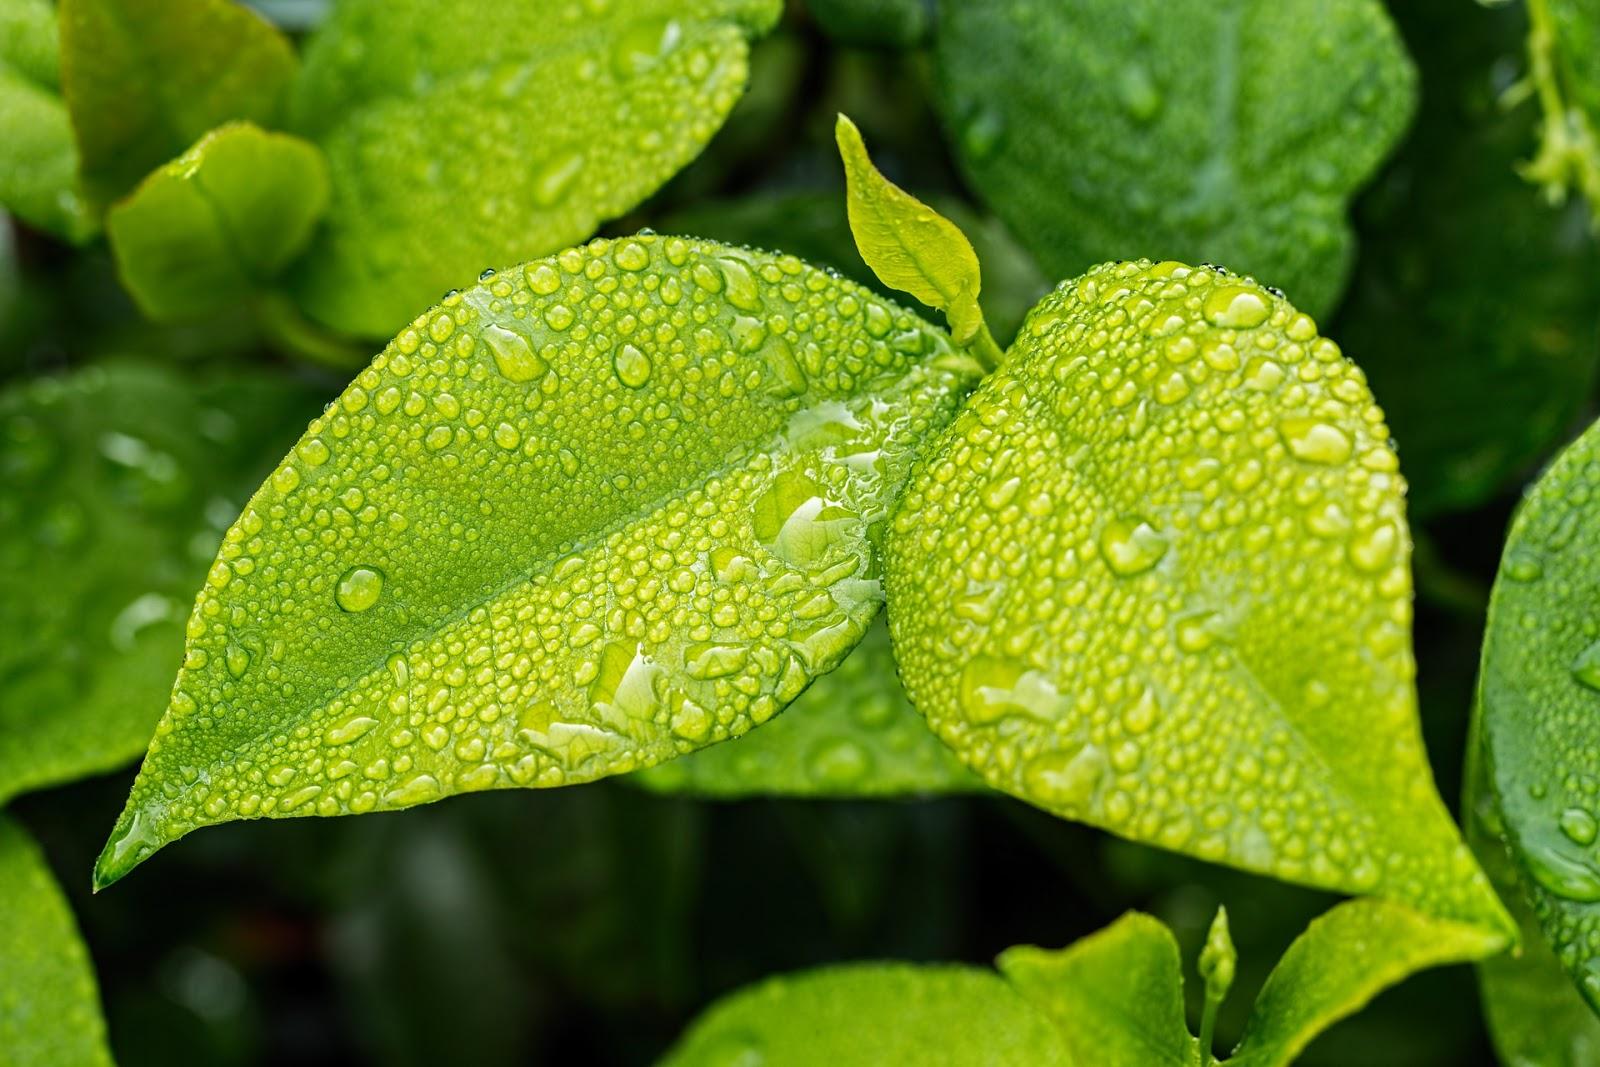 ecología, ambiental, vedica, naturaleza